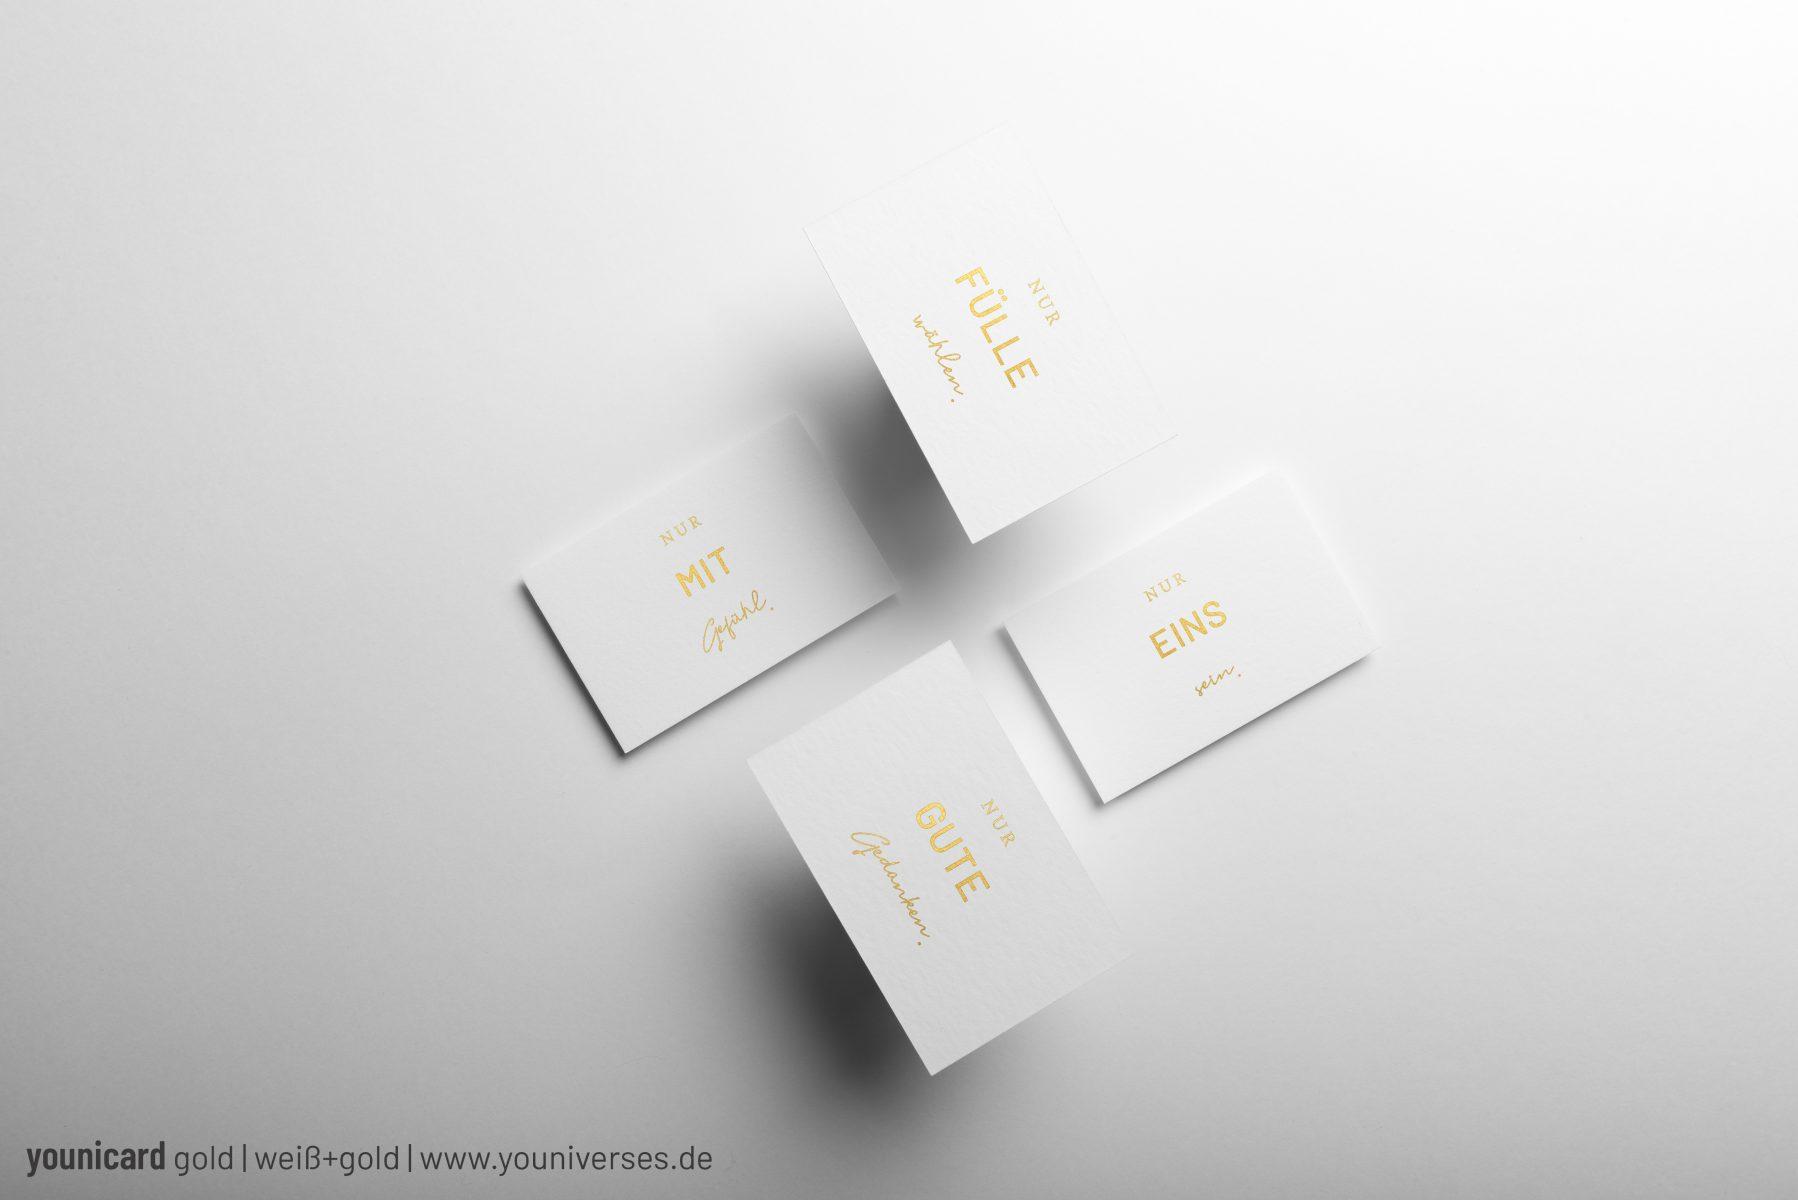 Wunderschöne Affirmationskarten im Visitenkartenformat (85x55mm) mit Farb- bzw. Goldschnitt. Jedes Stück wird in liebervoller Handarbeit produziert.